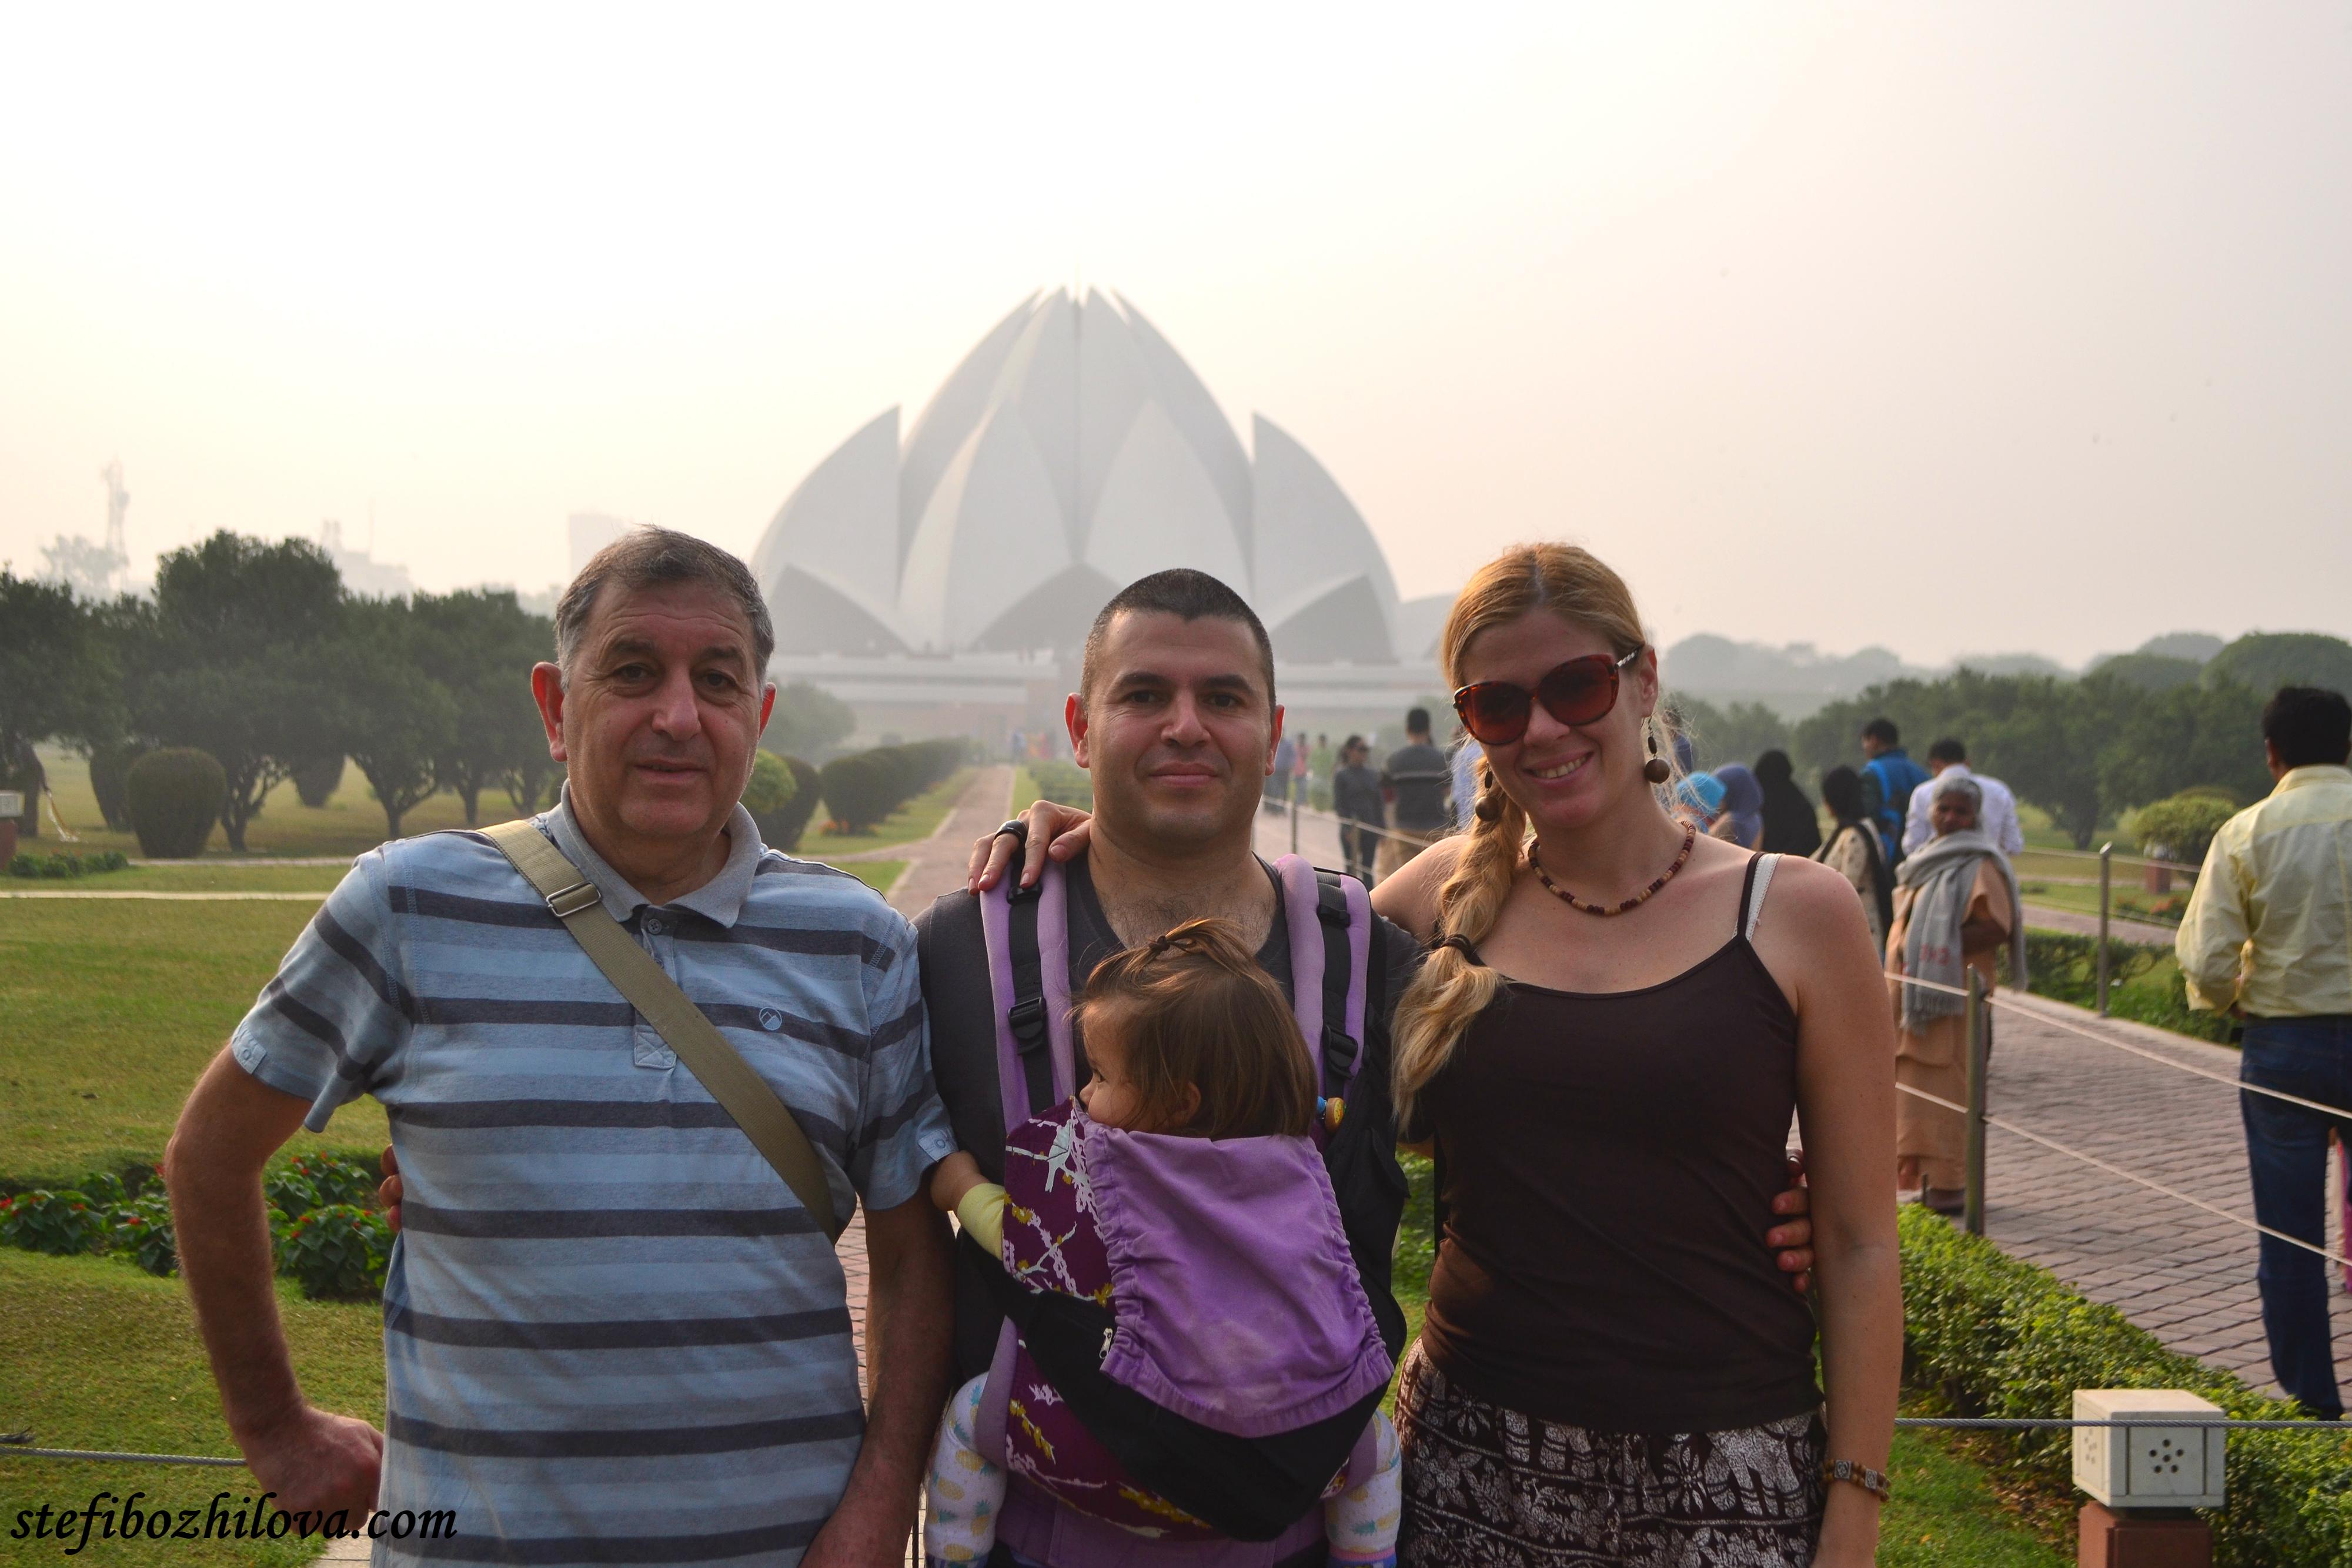 Един от първите ни дни в Делхи, където по това време на годината е вечно мъгливо. Е, има и слънчеви дни, но нямахме късмета да уцелим такъв при посещението си на една от най-красивите забележителности там - лотус храмът, символ на Бахайската вяра. :-)